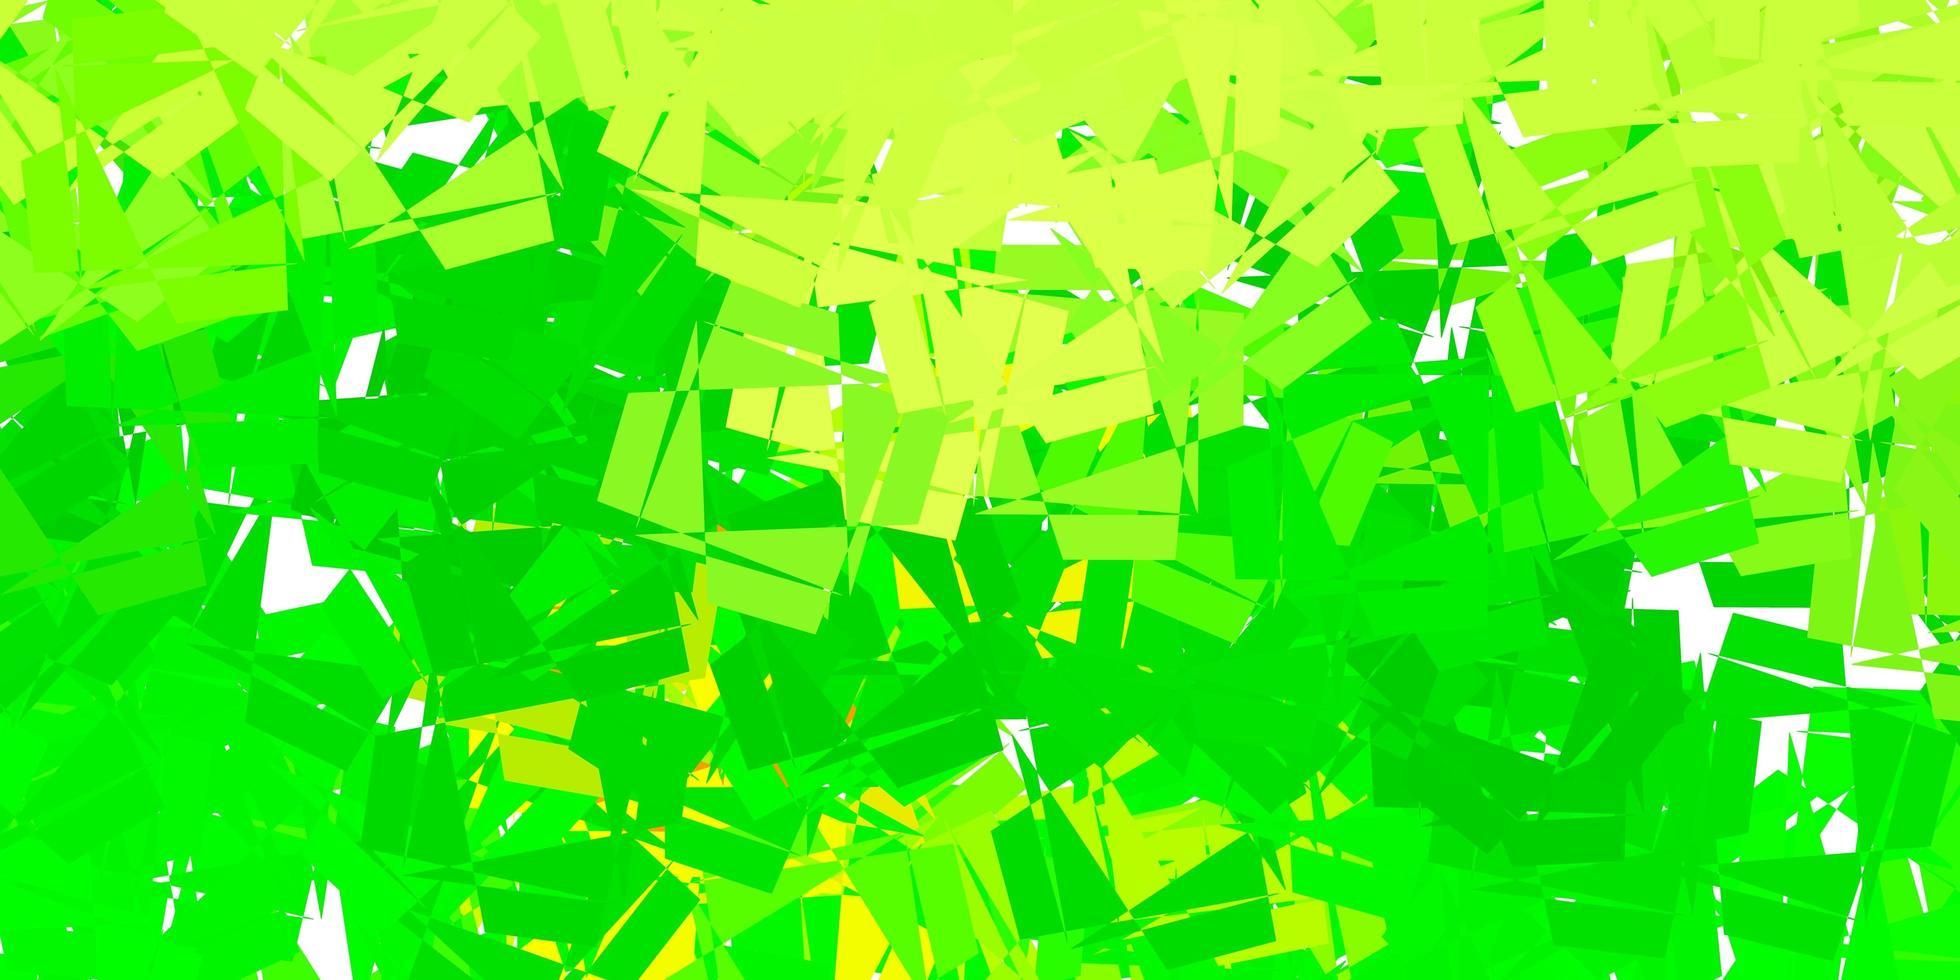 modelo de triângulo poli vetor verde escuro e amarelo.